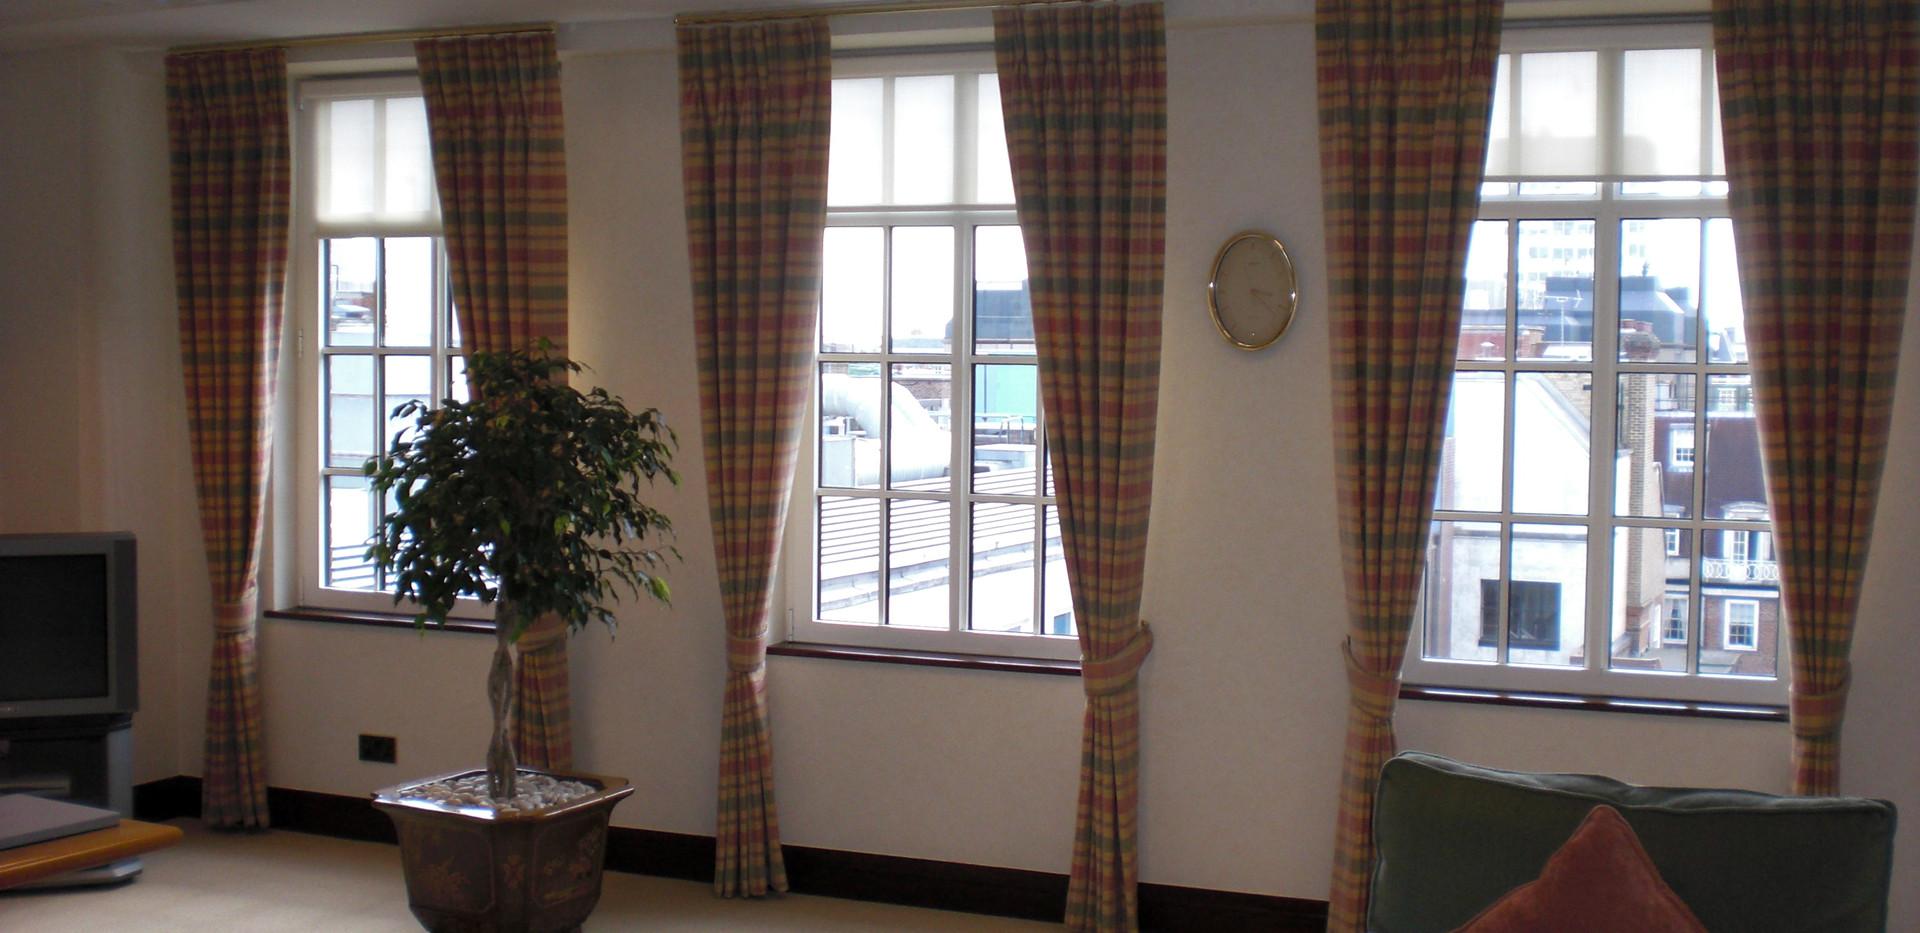 curtains 256 - Copy.jpg